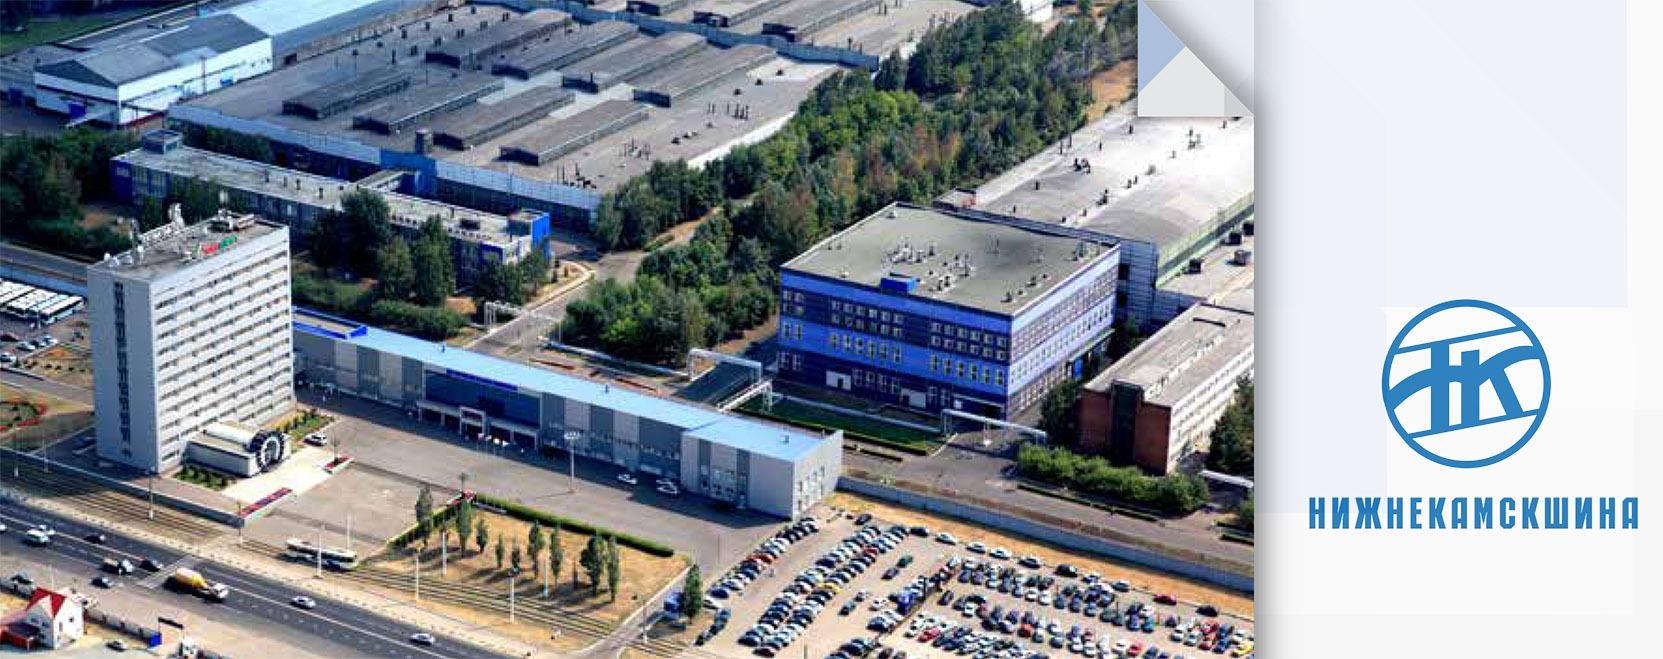 На долю «Нижнекамскшины» приходится 18% в общем объеме производства шин в России